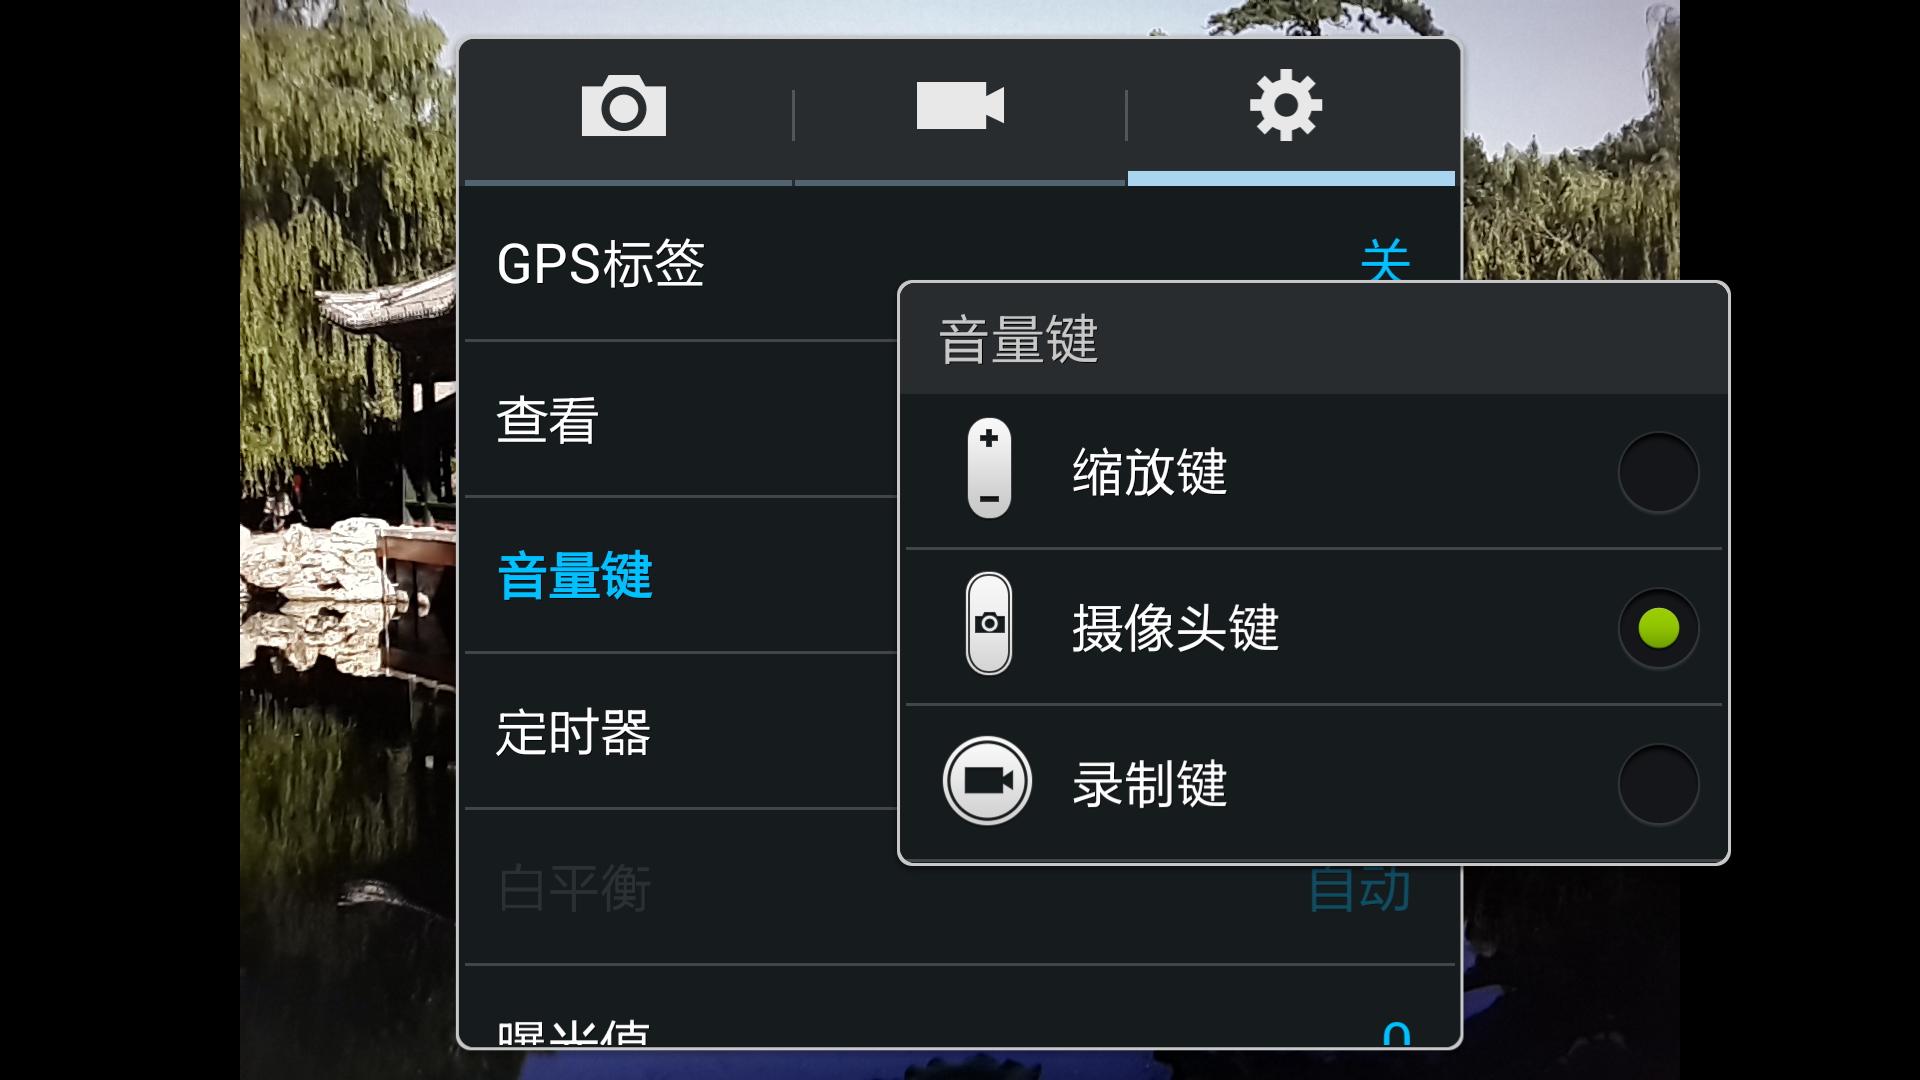 三星22寸液晶显示器不能1080_功放前级调音量好还是后级调音量好_三星gt-e1080c调音量